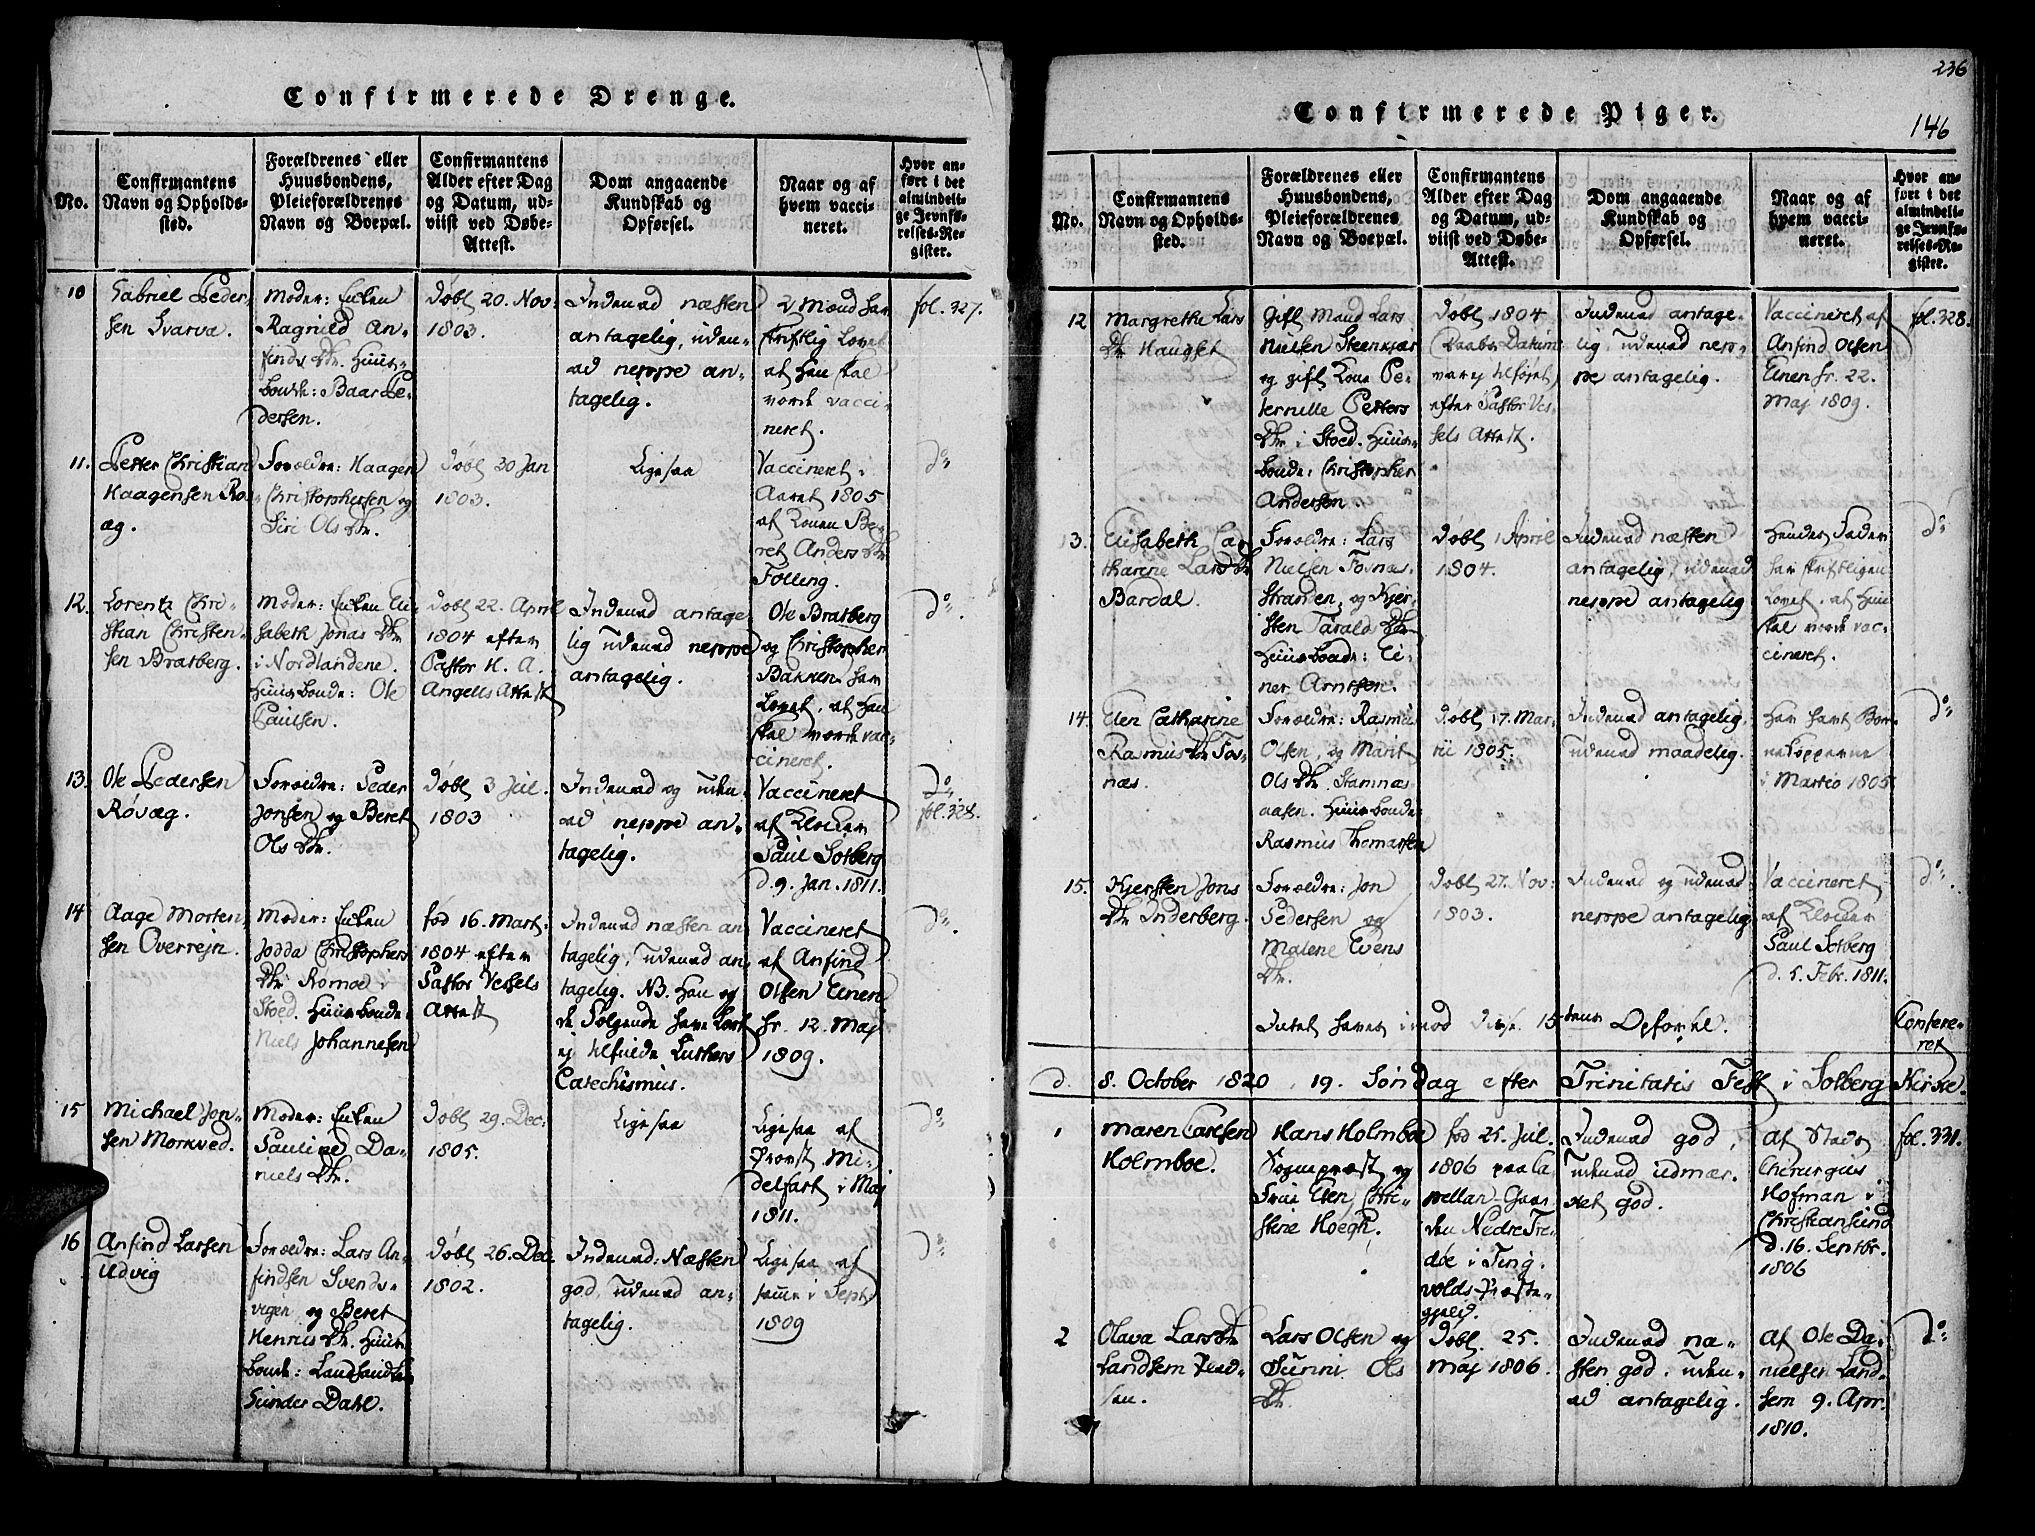 SAT, Ministerialprotokoller, klokkerbøker og fødselsregistre - Nord-Trøndelag, 741/L0387: Ministerialbok nr. 741A03 /1, 1817-1822, s. 146